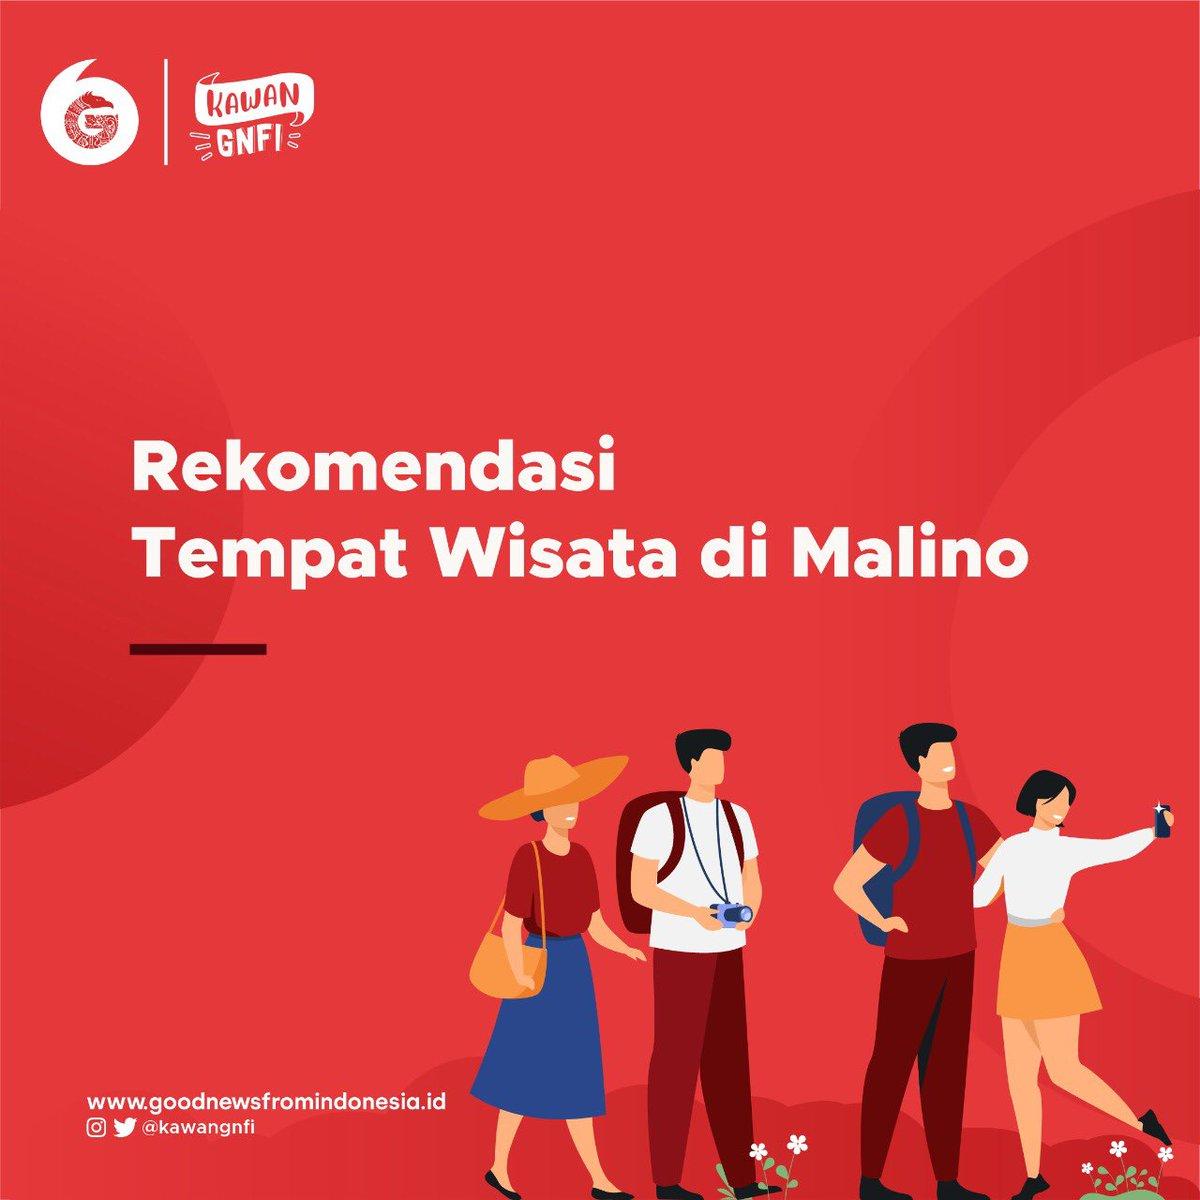 Selamat pagi, Kawan!🤗  Minka punya rekomendasi tempat wisata di Malino, Gowa, Sulawesi Selatan yang bisa Kawan kunjungi untuk mengisi waktu liburan Kawan nih~~~  Yuk, kita lihat bersama-sama!  #GNFI #KawanGNFI #MakinTahuIndonesia #WisataIndonesia #WisataSulawesi #Sulsel